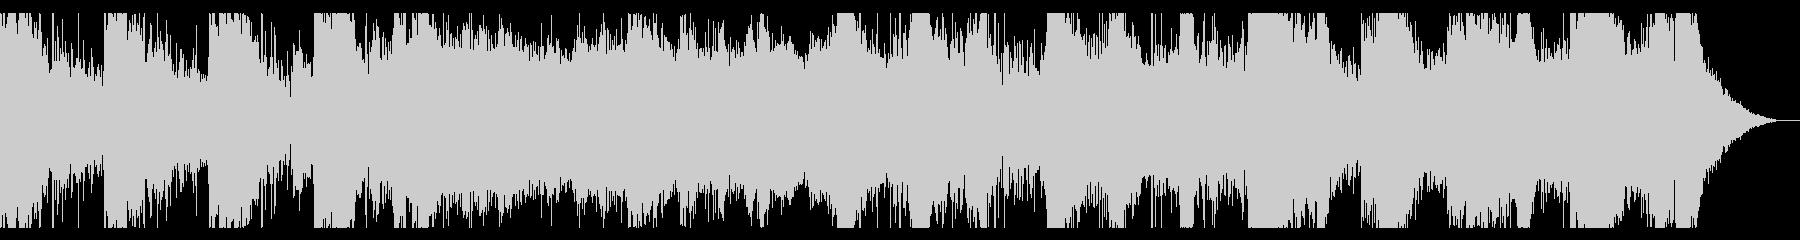 SF・ホラー向けシネマティックBGMの未再生の波形